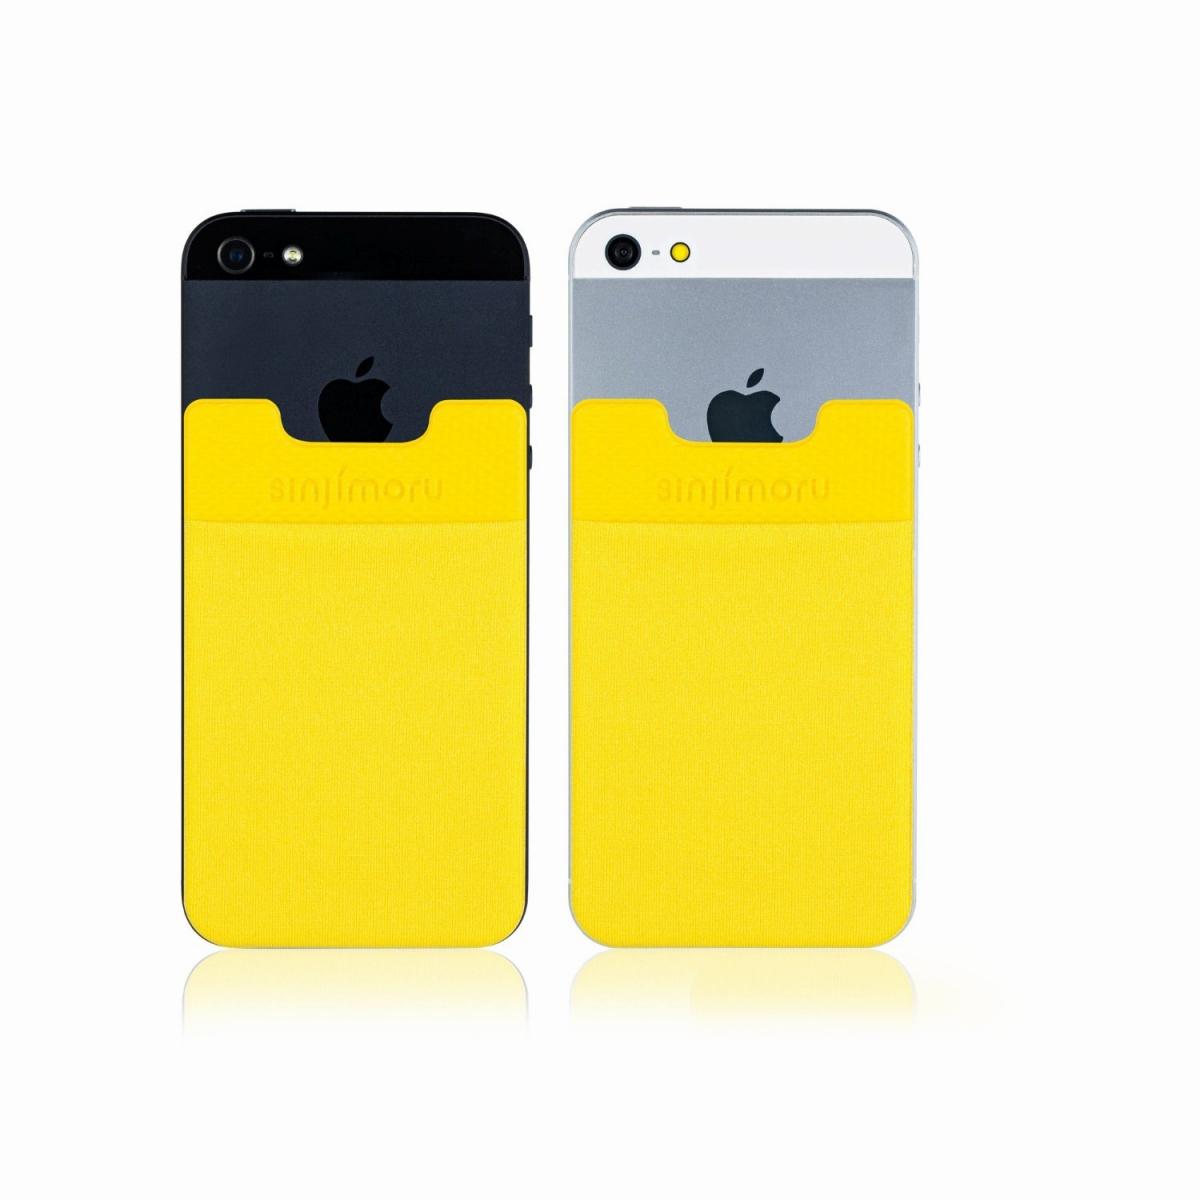 送料無料 一部地域を除く スマートフォンやタブレットなどに貼って剥がせるステッカーブルポケット ROOX ステッカーブルポケット Sinji Pouch Basic2 イエロー スマホアクセ icカード セール価格 カード 激安 背面ポケット iPhone スマホ 簡単 アイフォーンスマートフォン アイフォン 人気 ステッカーポケット 収納ポケット 便利